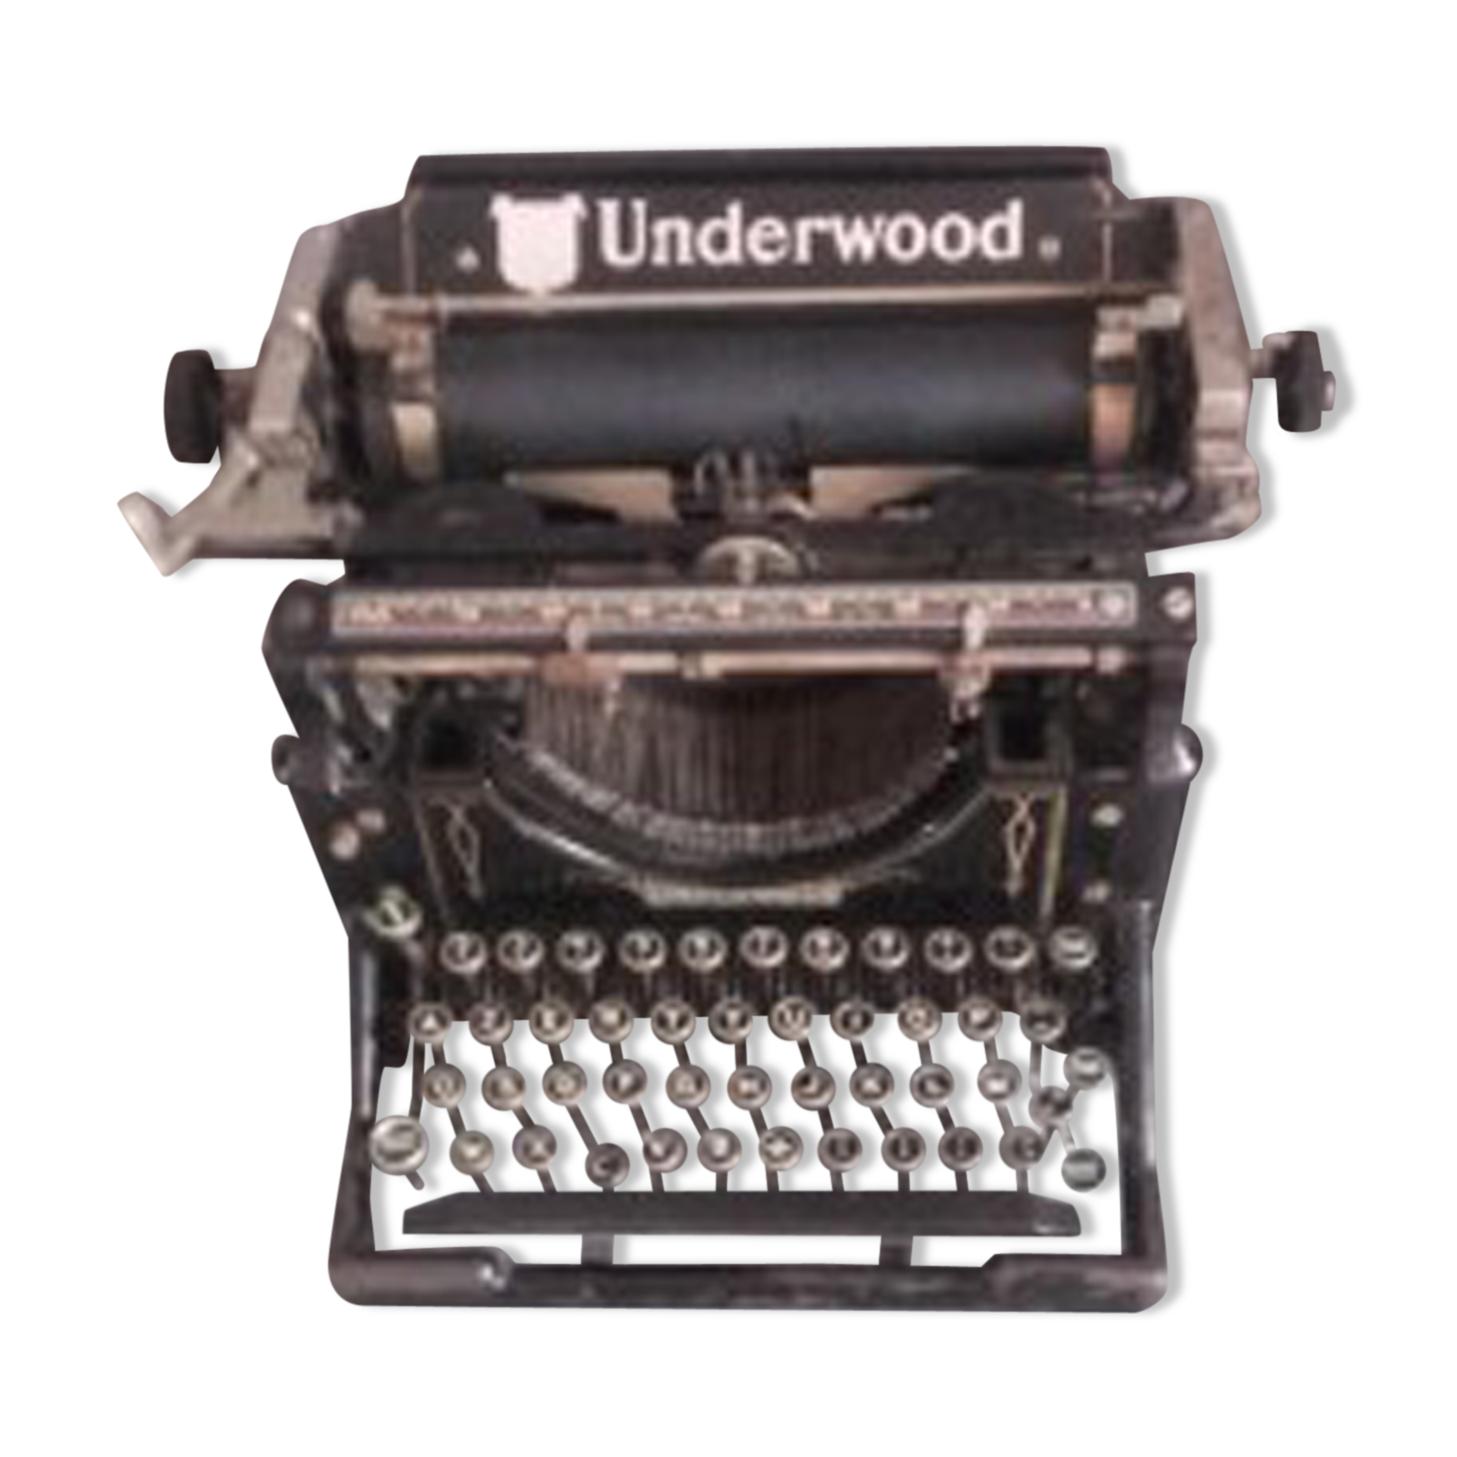 Machine à écrire underwood fin 19e siècle début 20e siècle